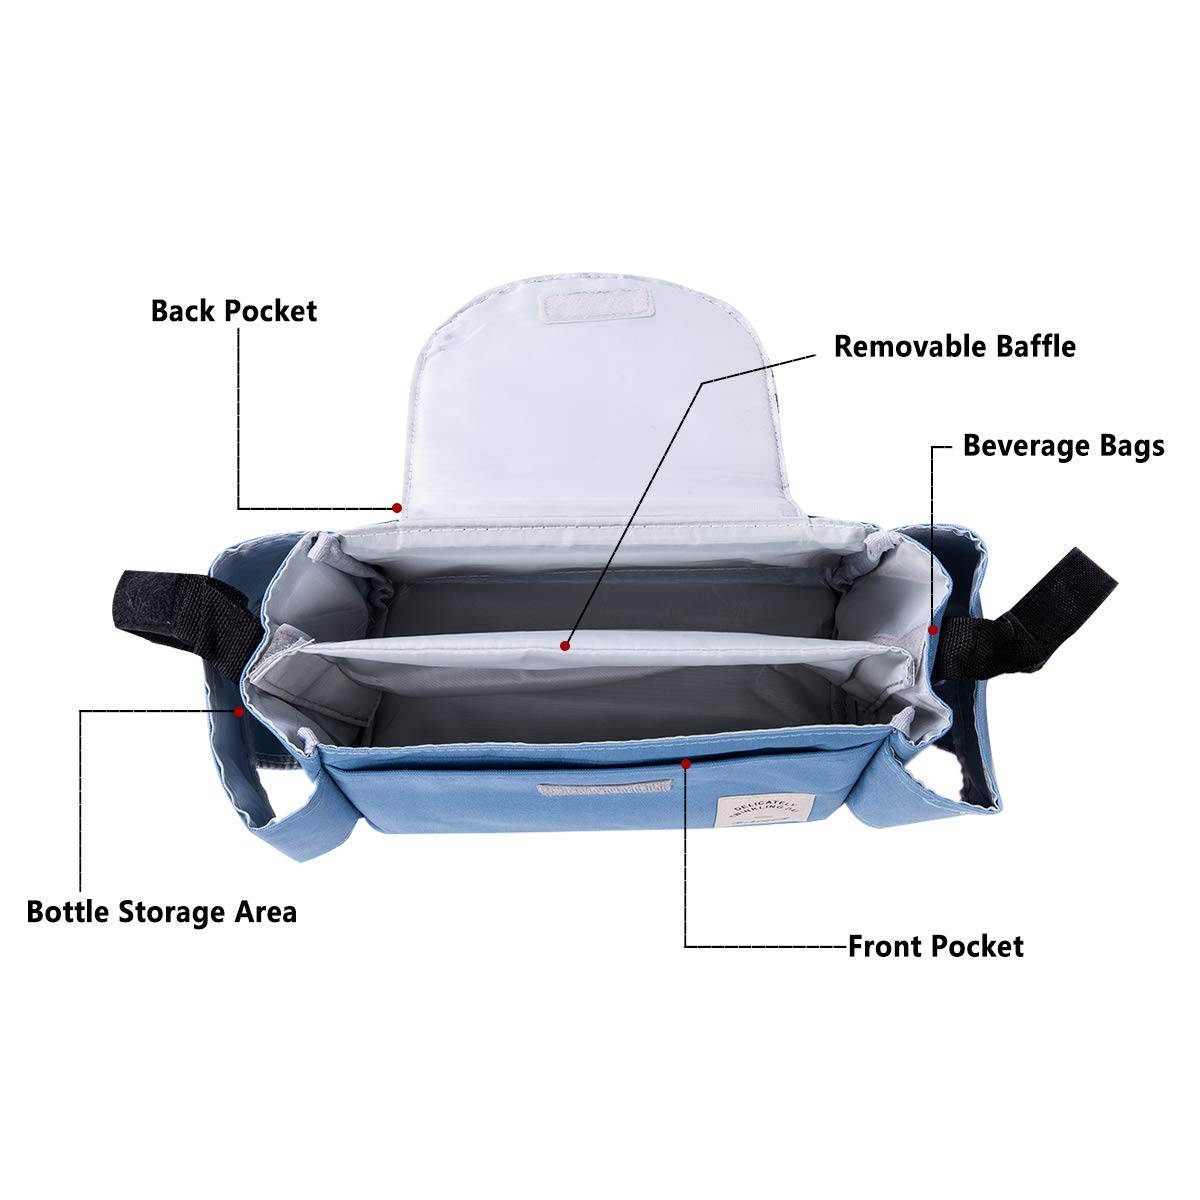 Blau Vawal Baby Kinderwagen Organizer mit Rei/ßverschluss Kinderwagen Zubeh/ör Tasche Buggy Organizer Kinderwagentasche Universal Alle Kinderwagen Tasche